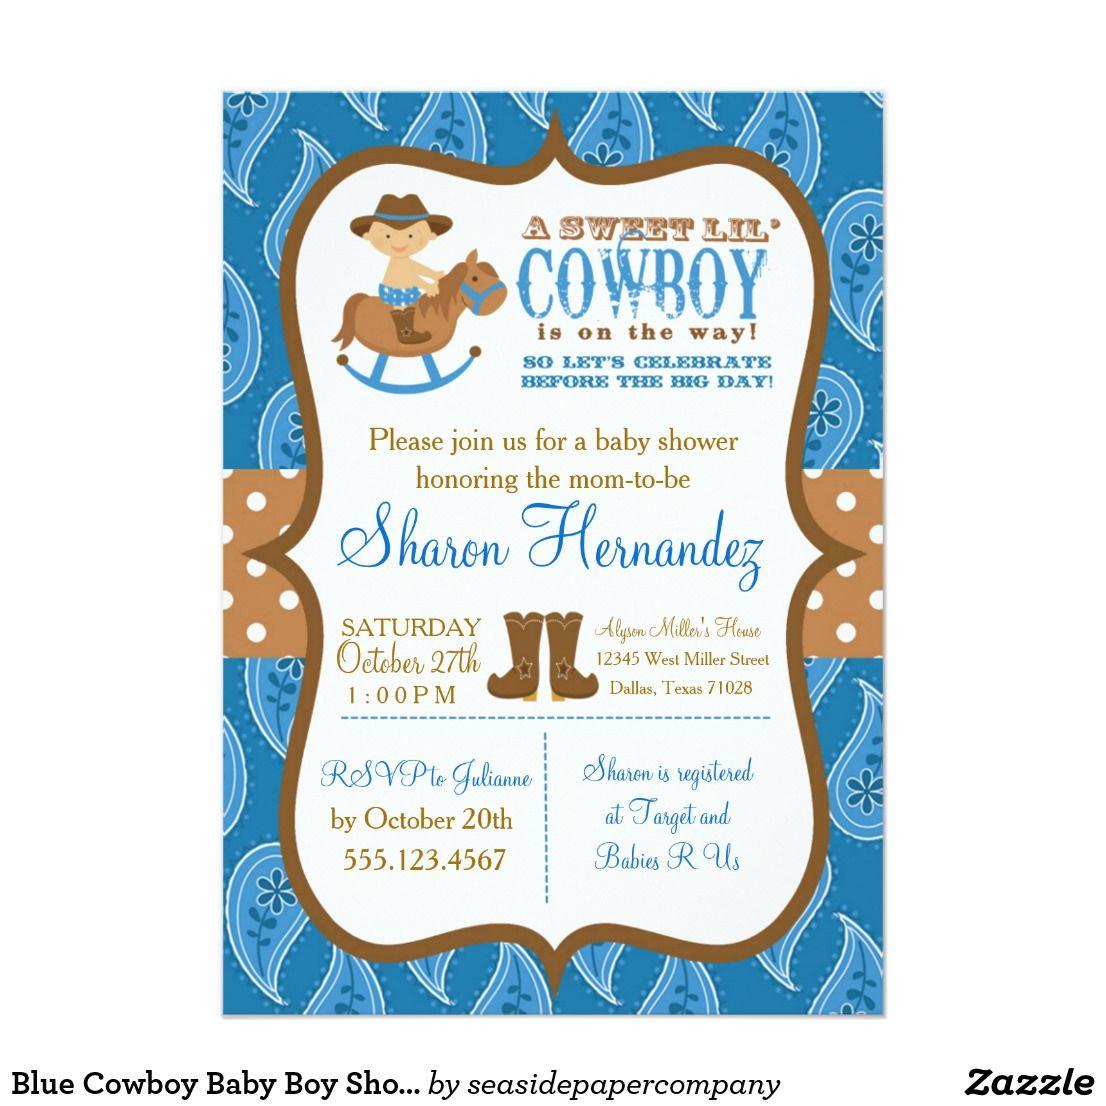 Blue Cowboy Baby Boy Shower Invitation   Cowboy baby boys, Baby boy ...